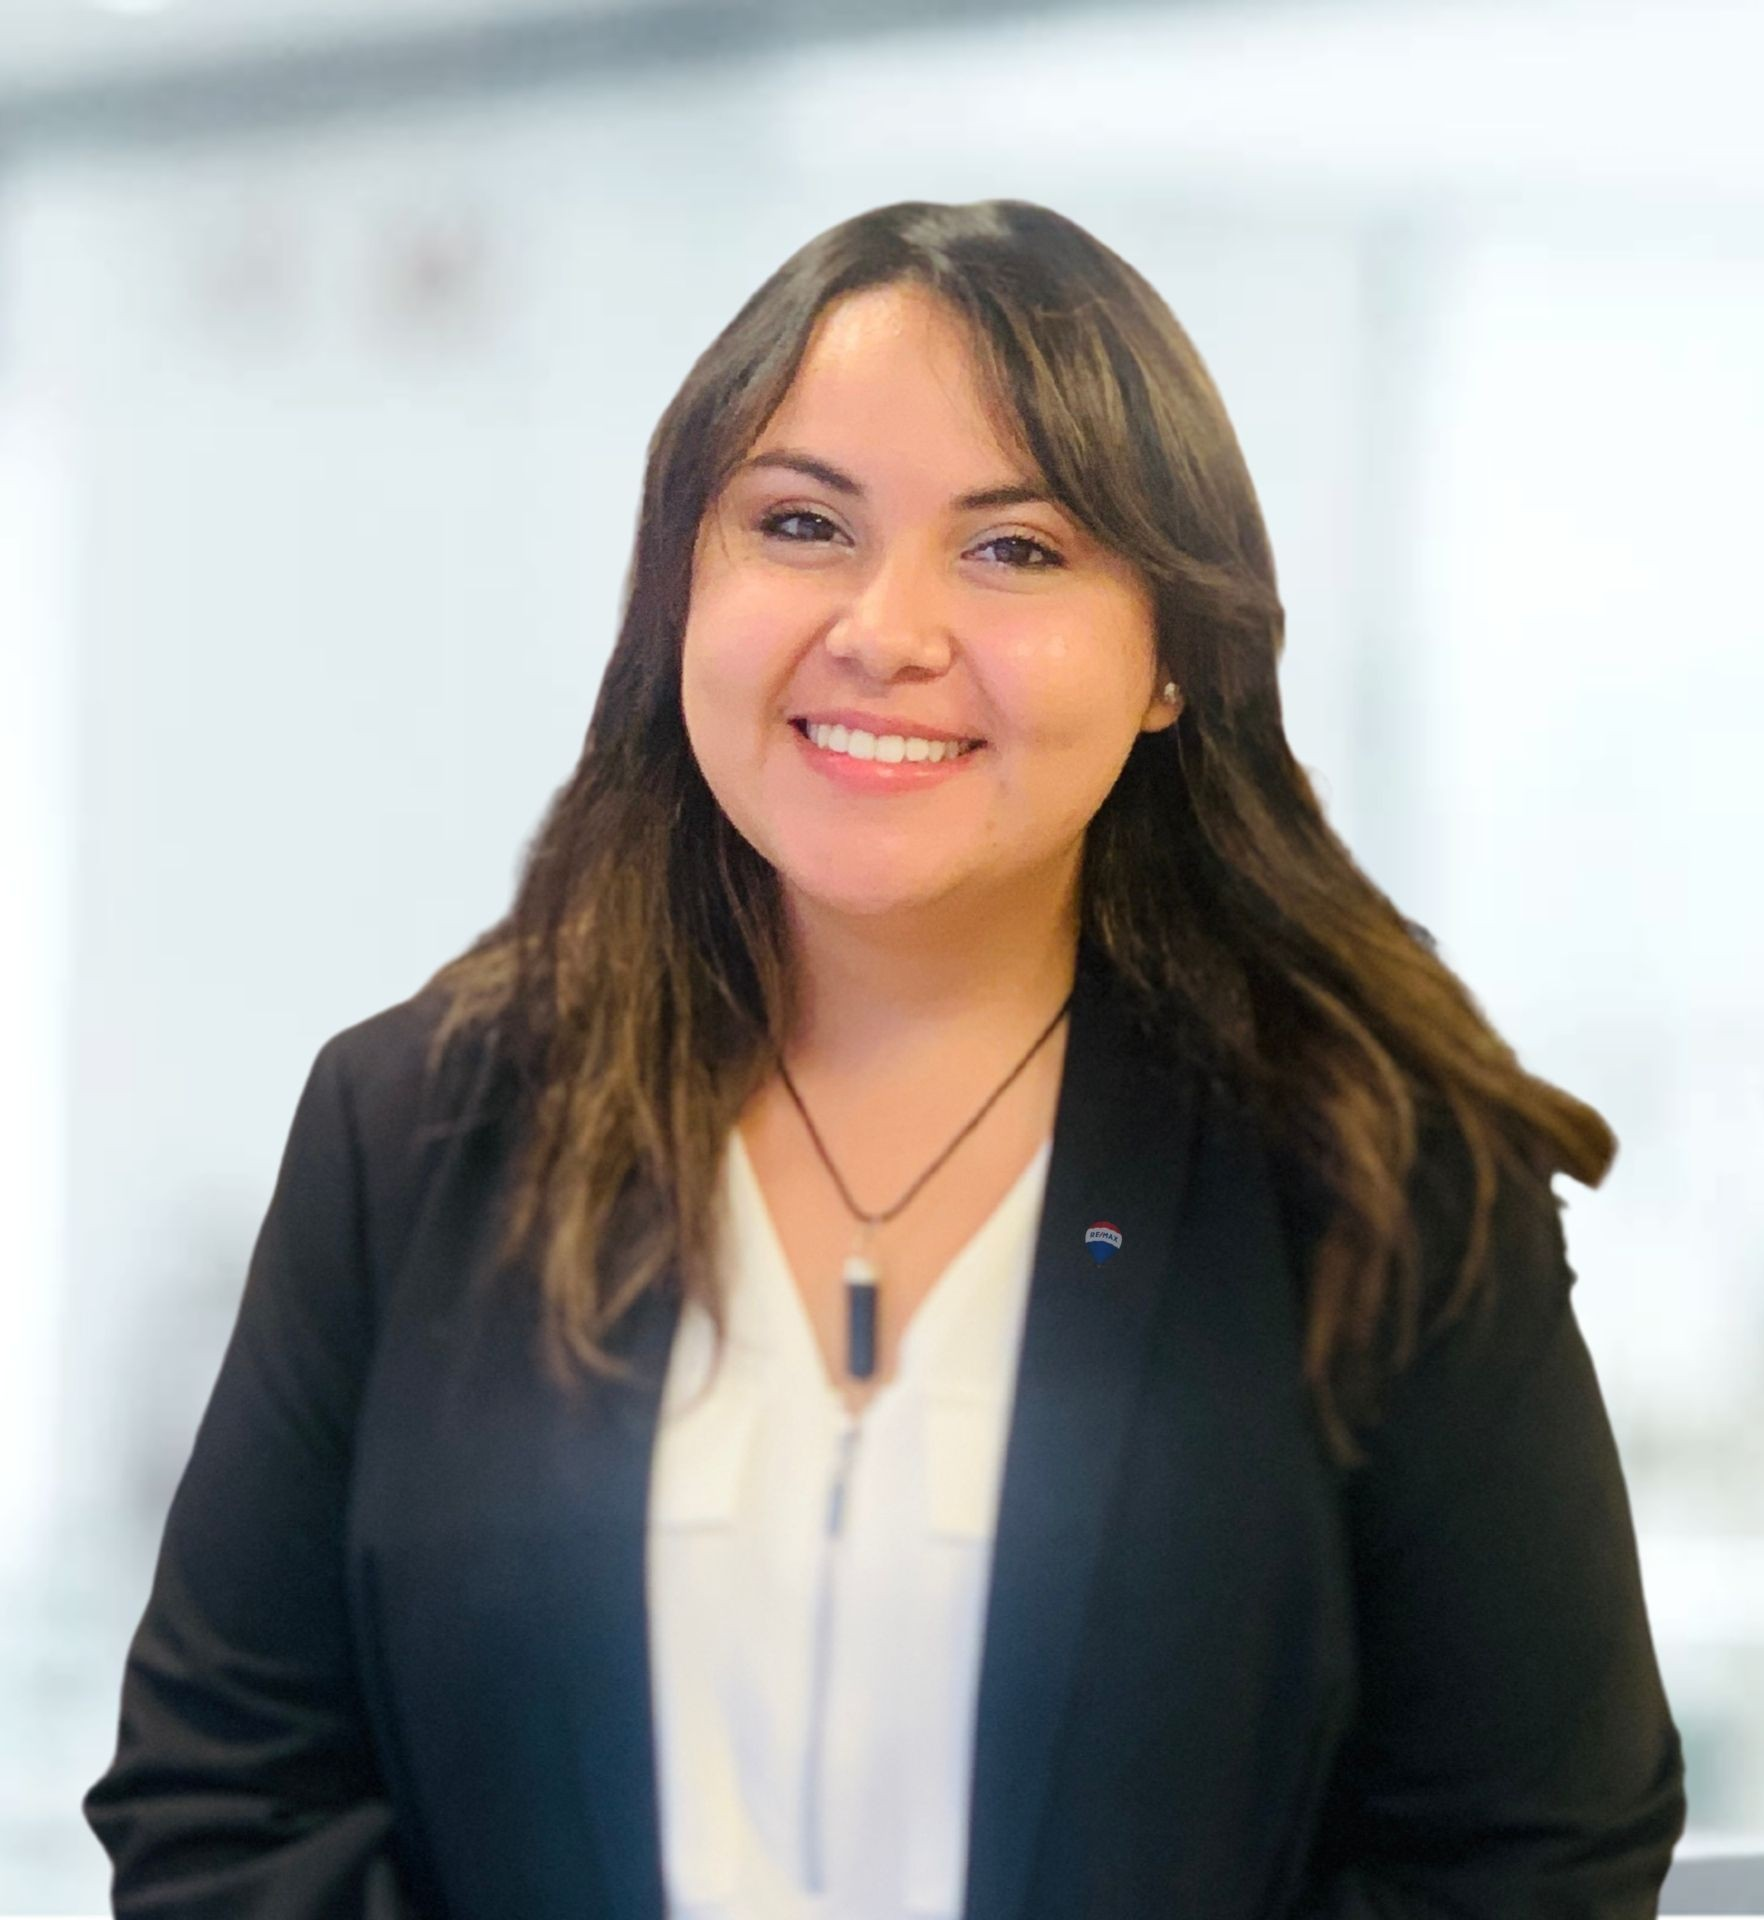 Andrea Yepes